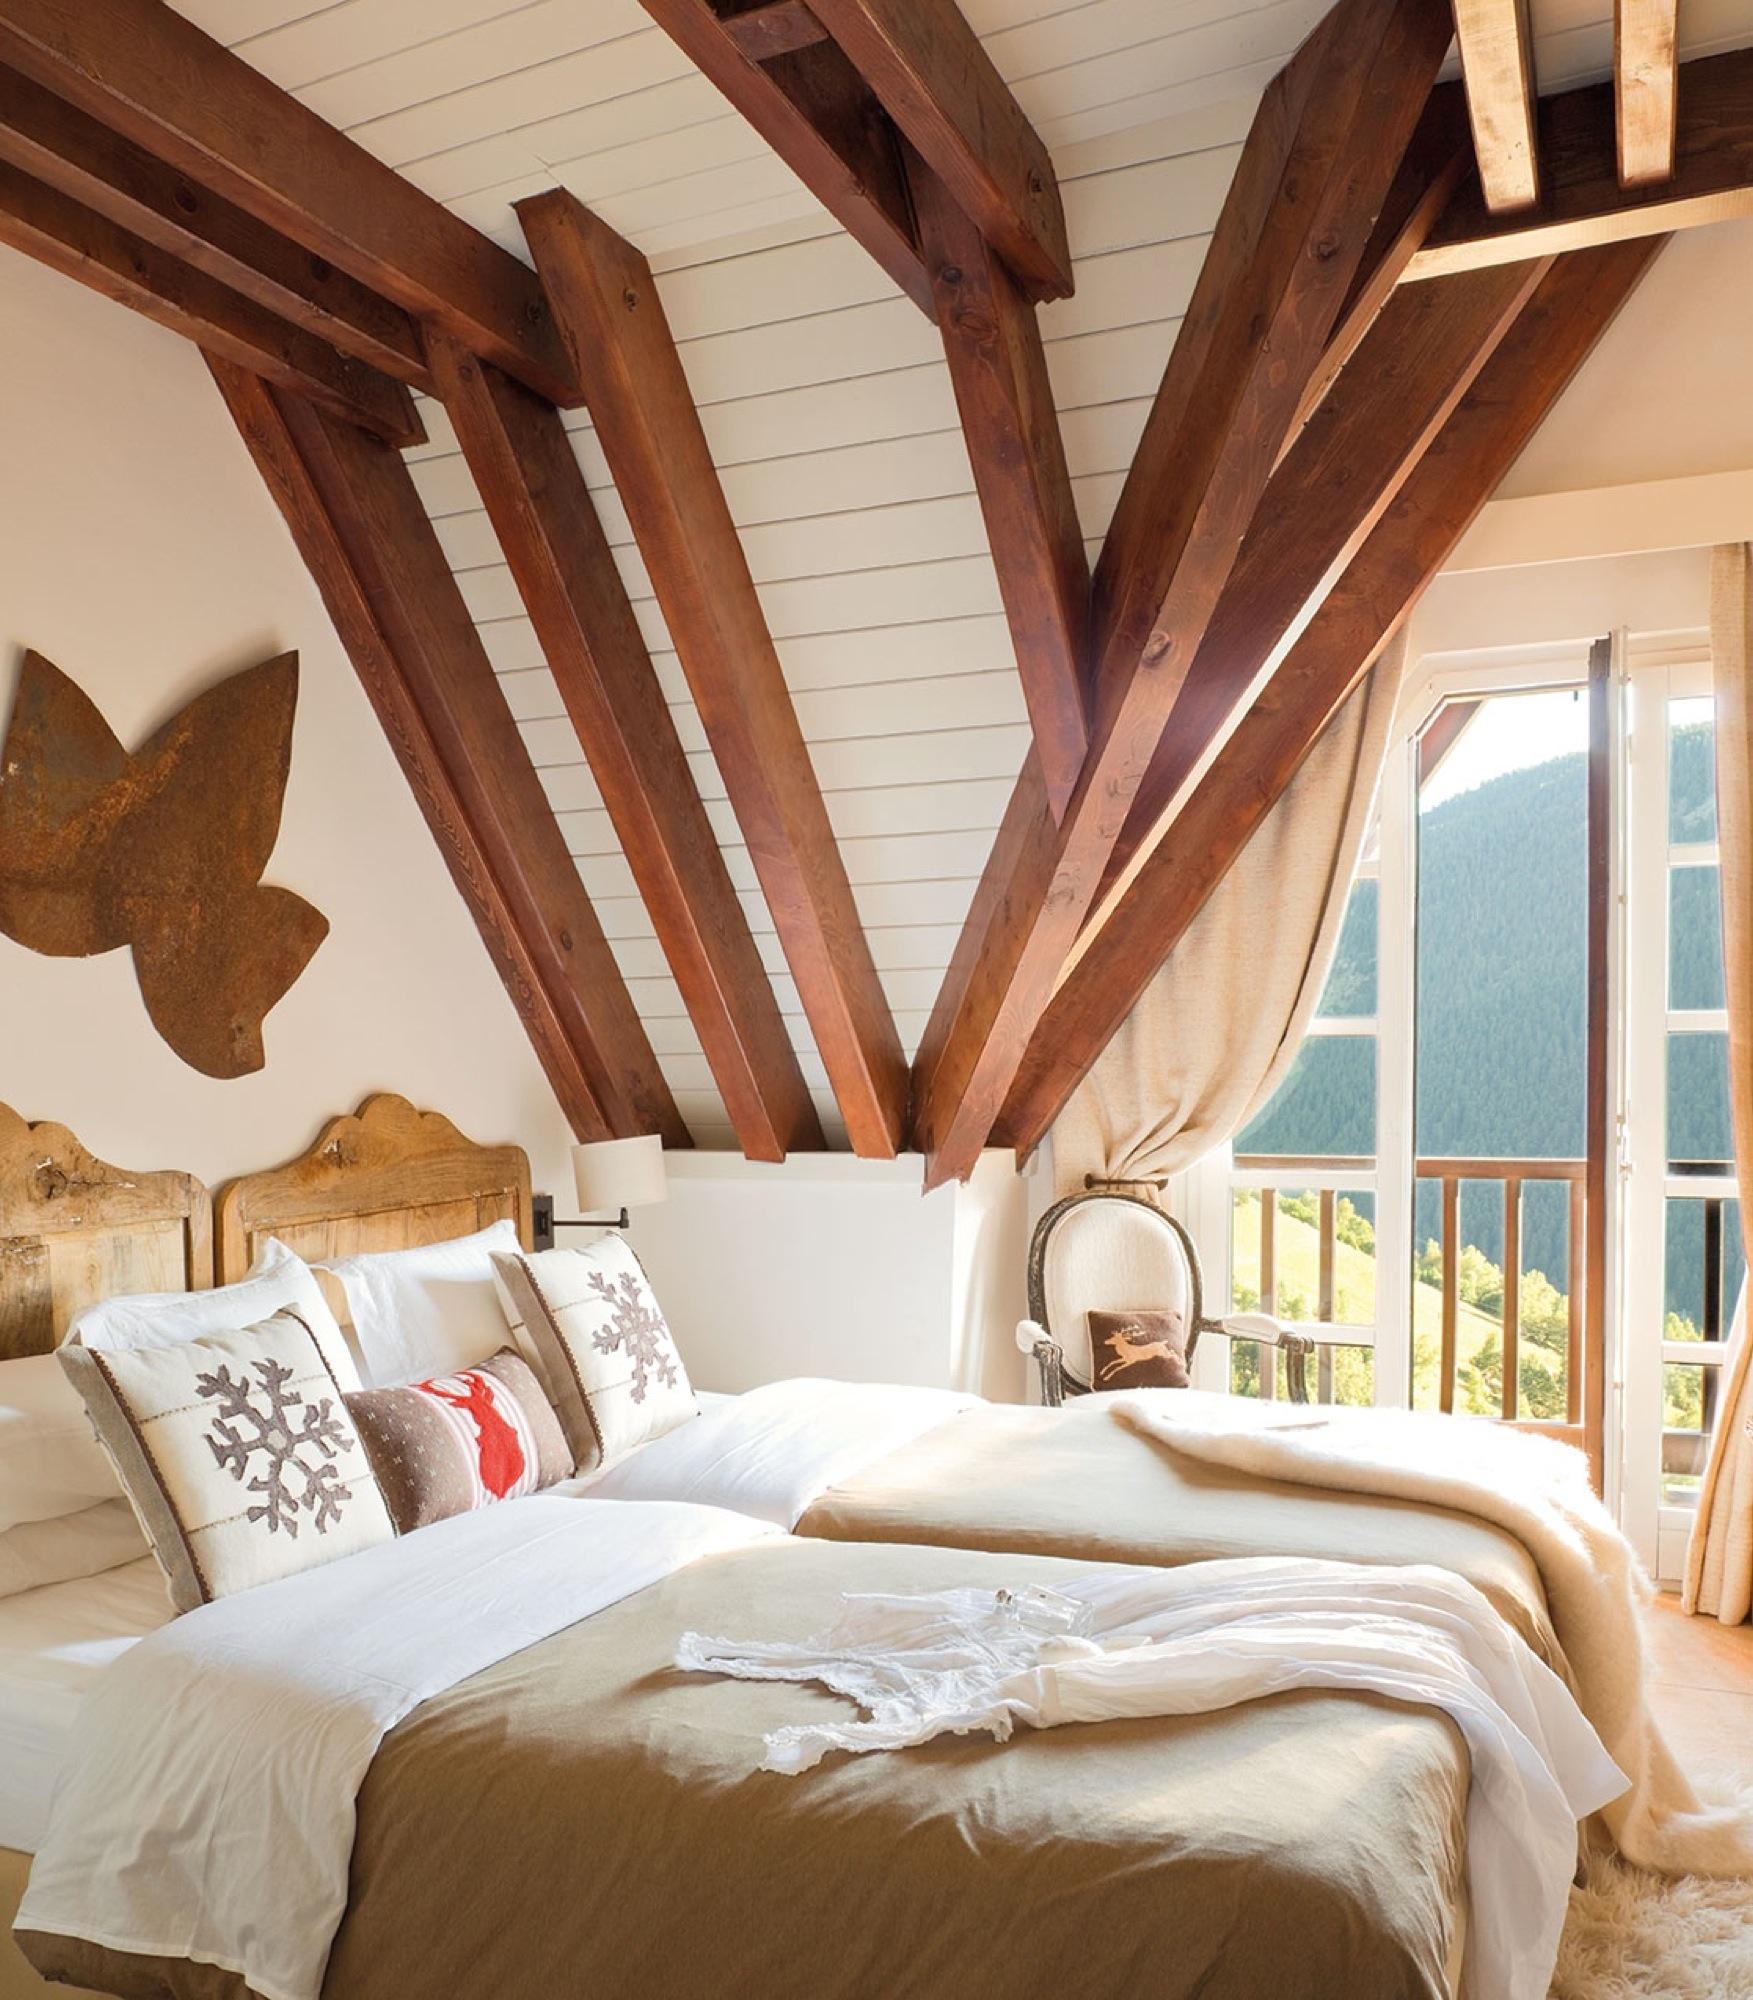 Dormitorios Rusticos Con Mucho Encanto - Habitaciones-de-matrimonio-rusticas